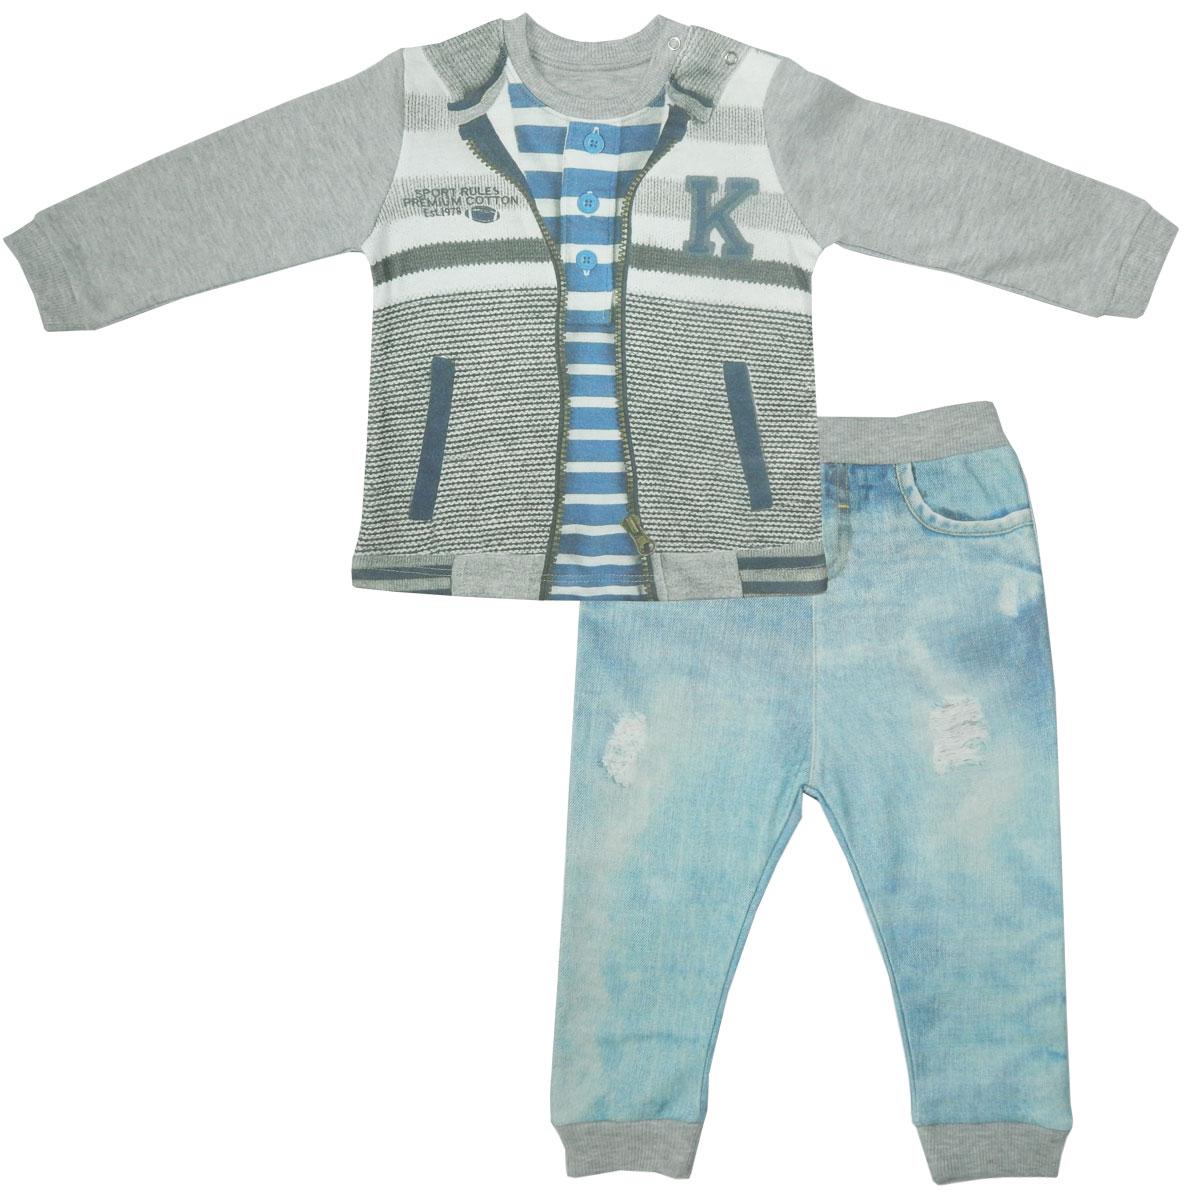 Комплект одежды Папитто для мальчика Fashion Jeans 583-05 р.22-74